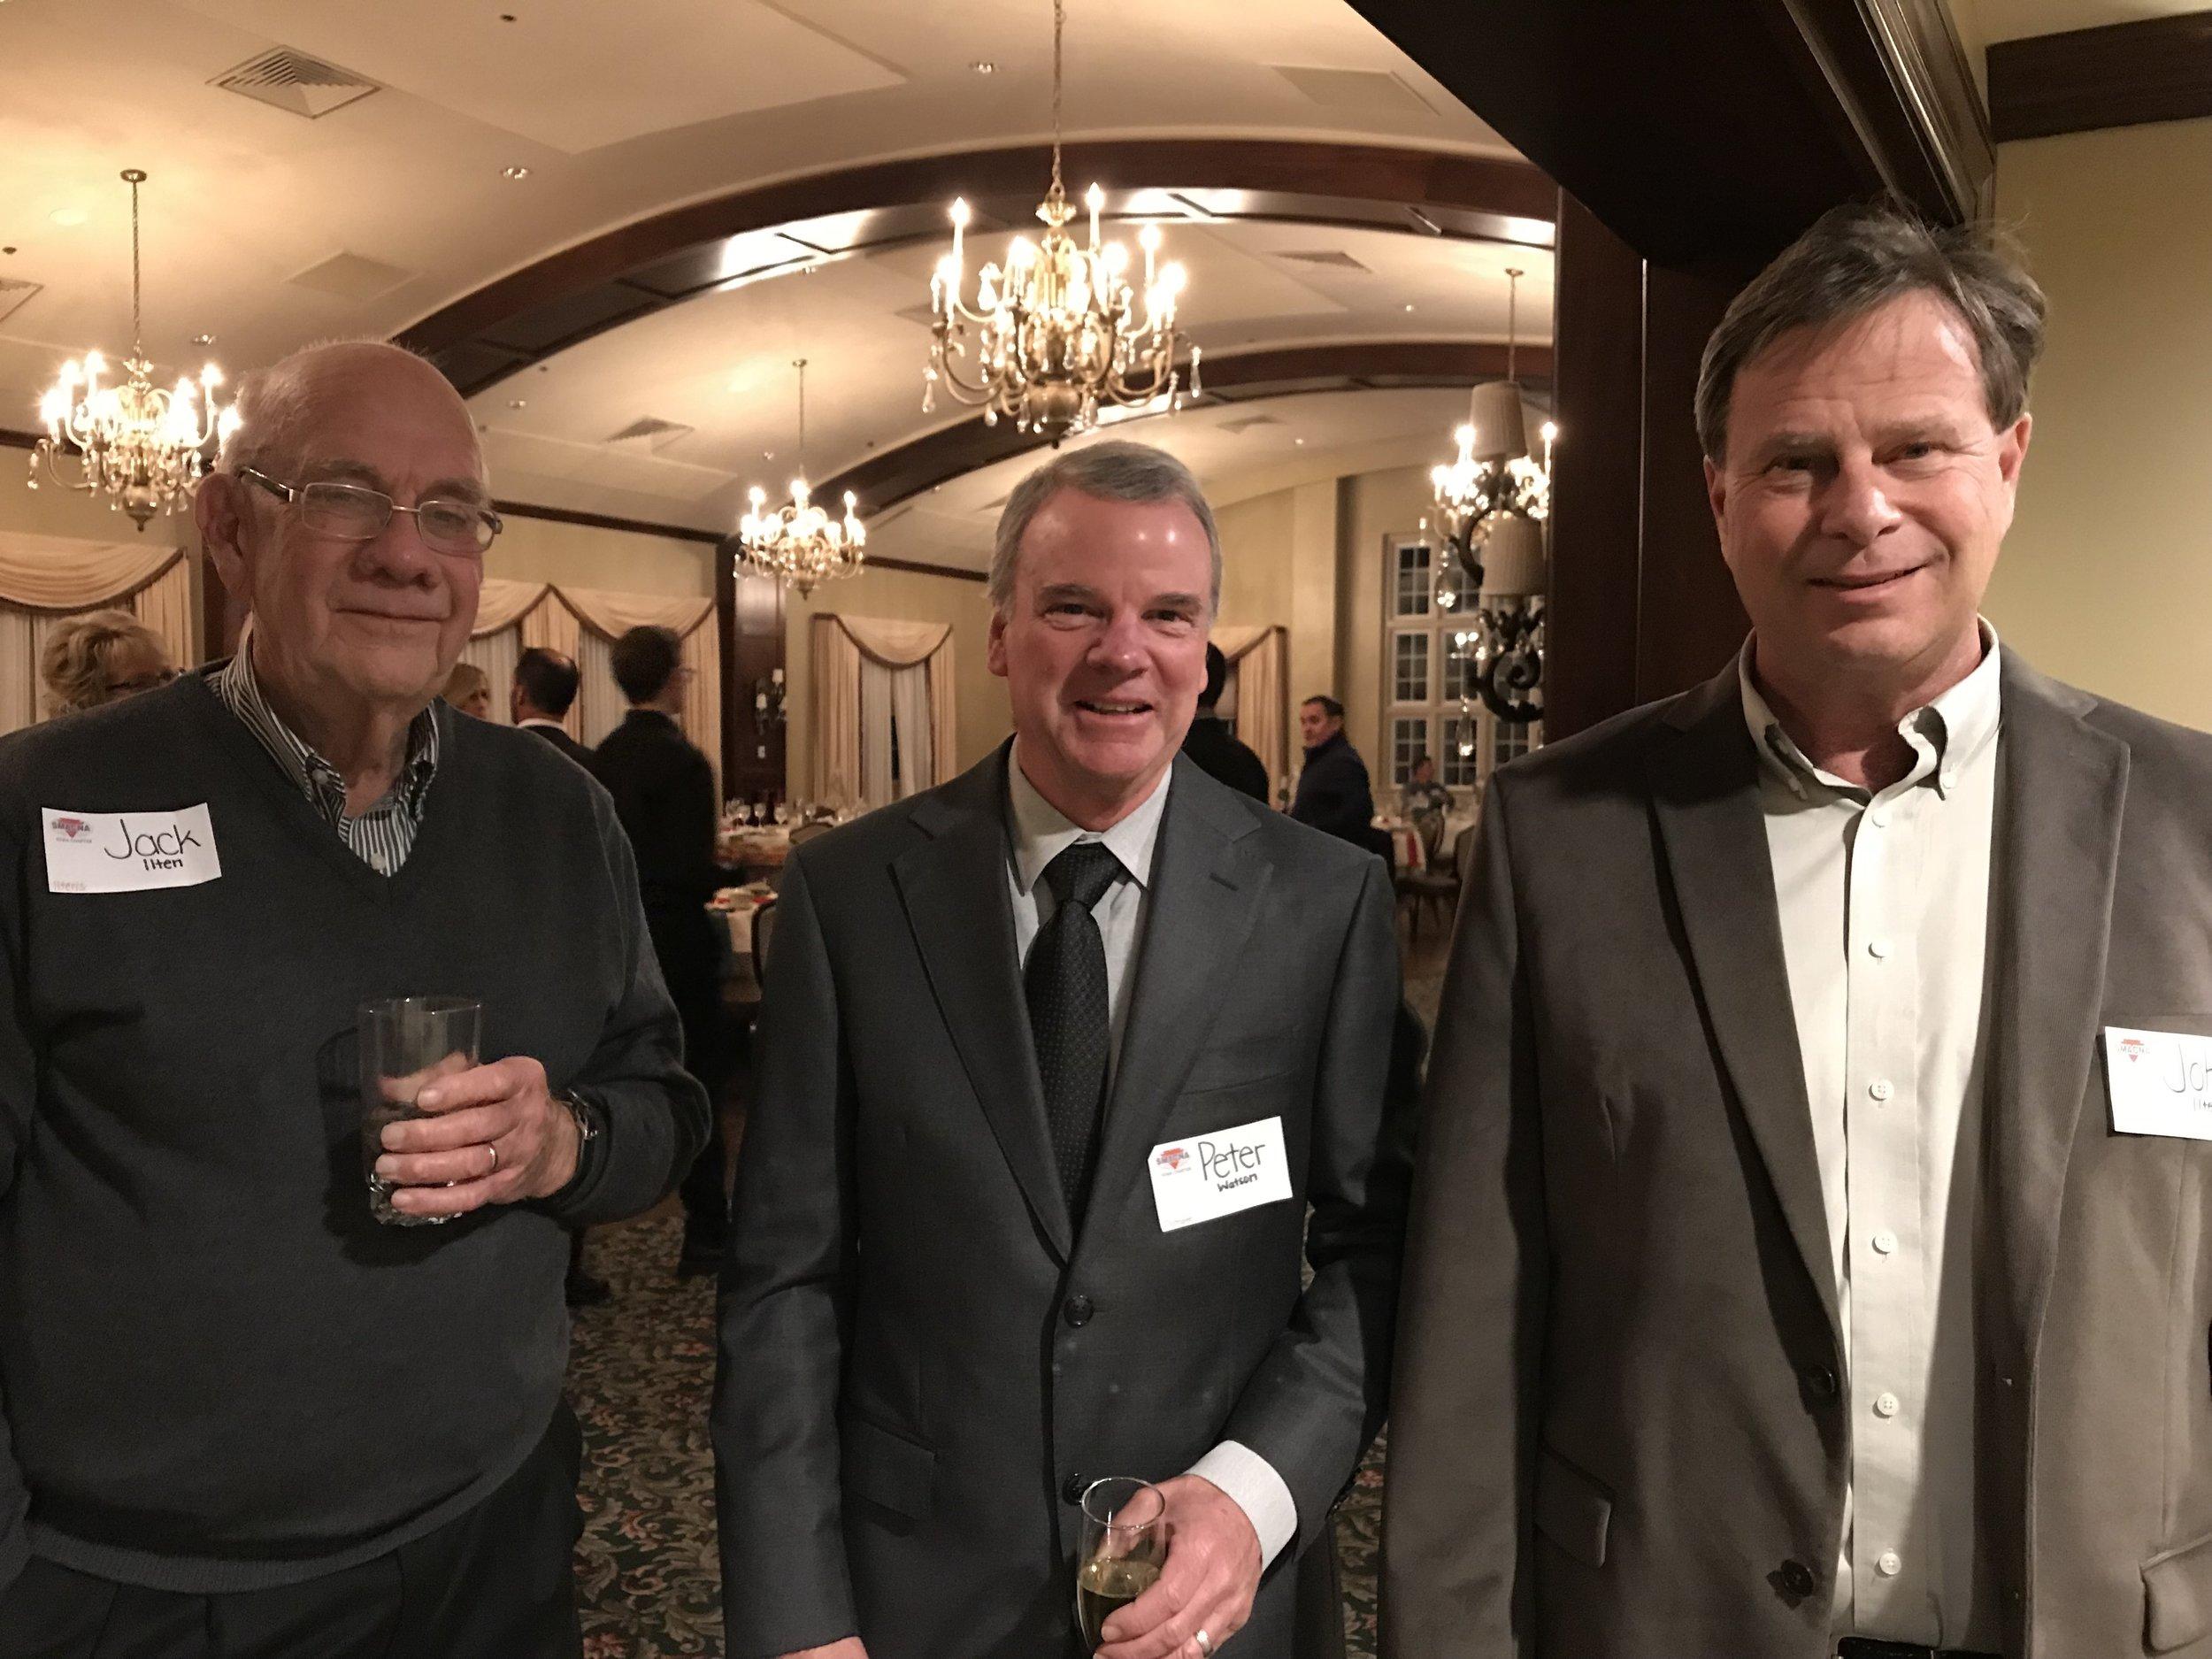 Party goers Jack Ilten, Peter Watson and John Ilten.